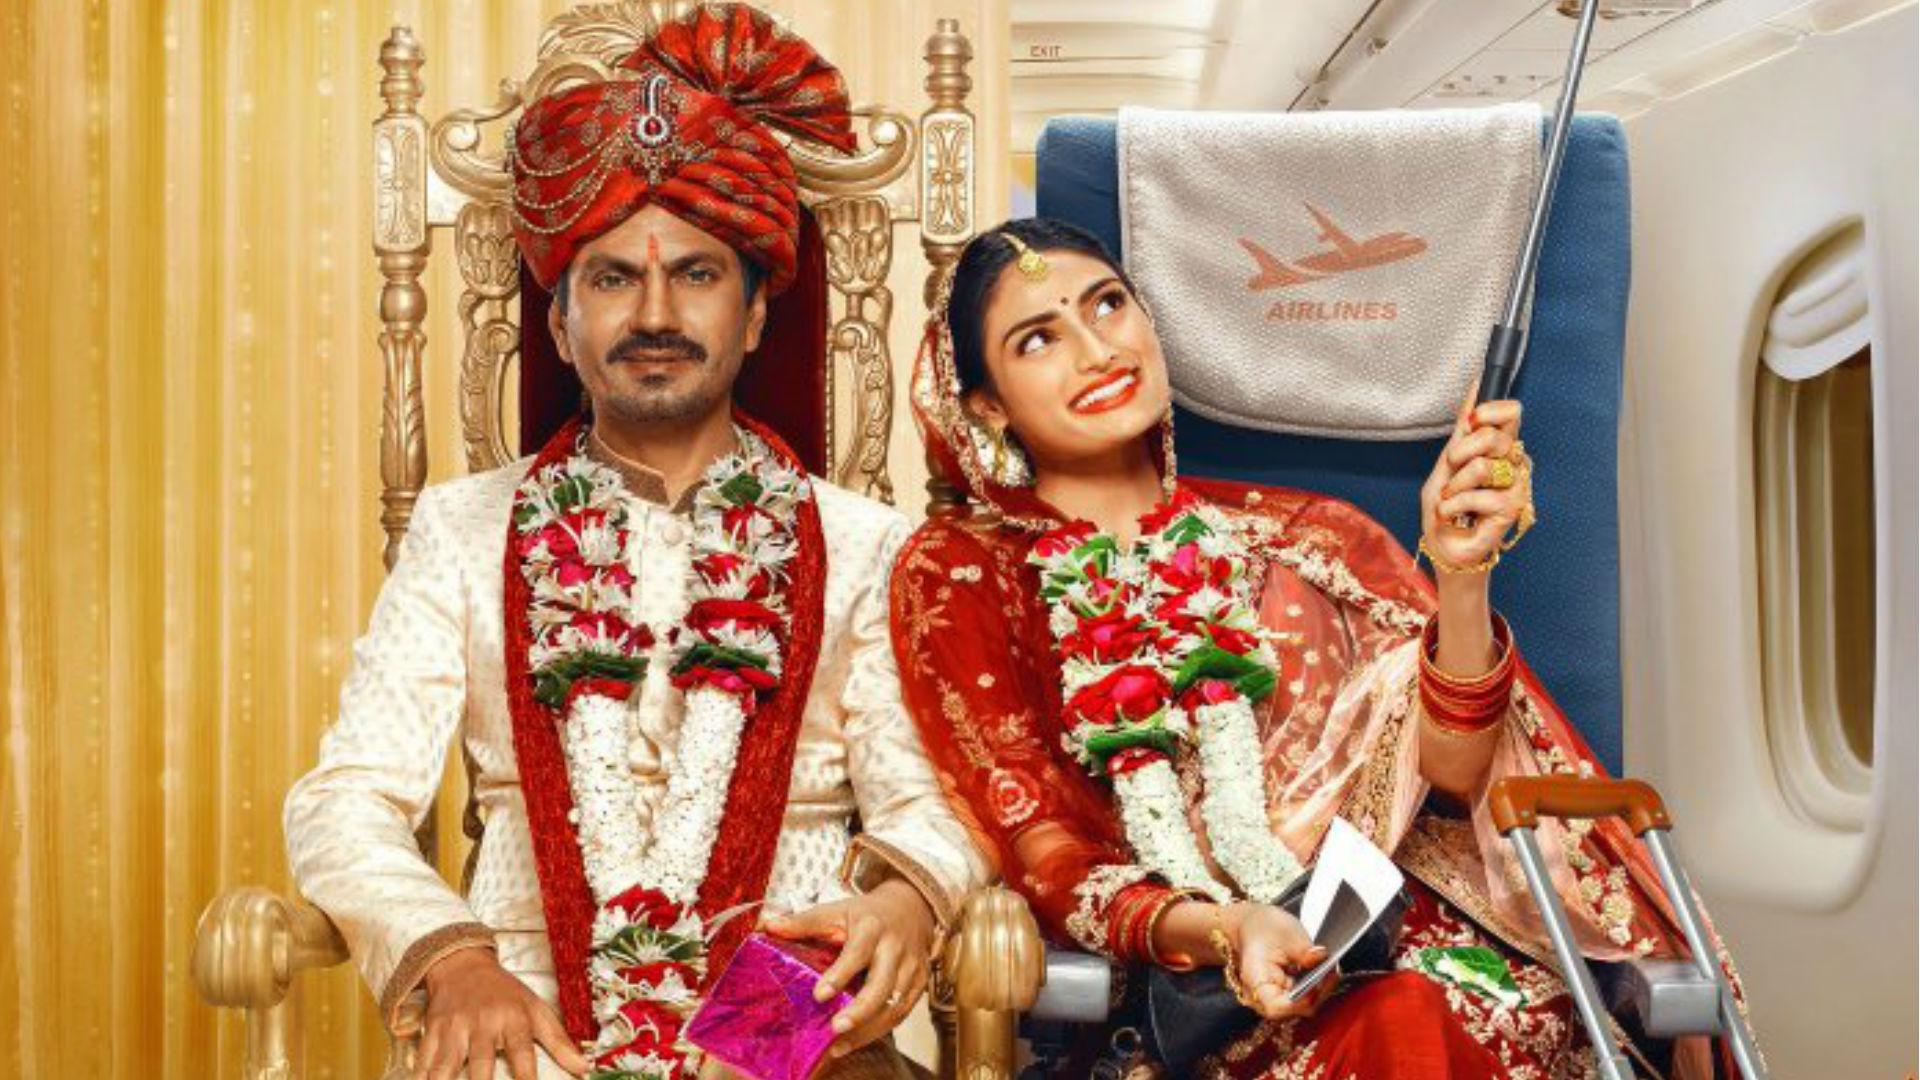 Motichoor Chaknachoor: फिल्म का मजेदार ट्रेलर रिलीज, नवाजुद्दीन सिद्दीकी-आथिया शेट्टी को करनी है शादी लेकिन…